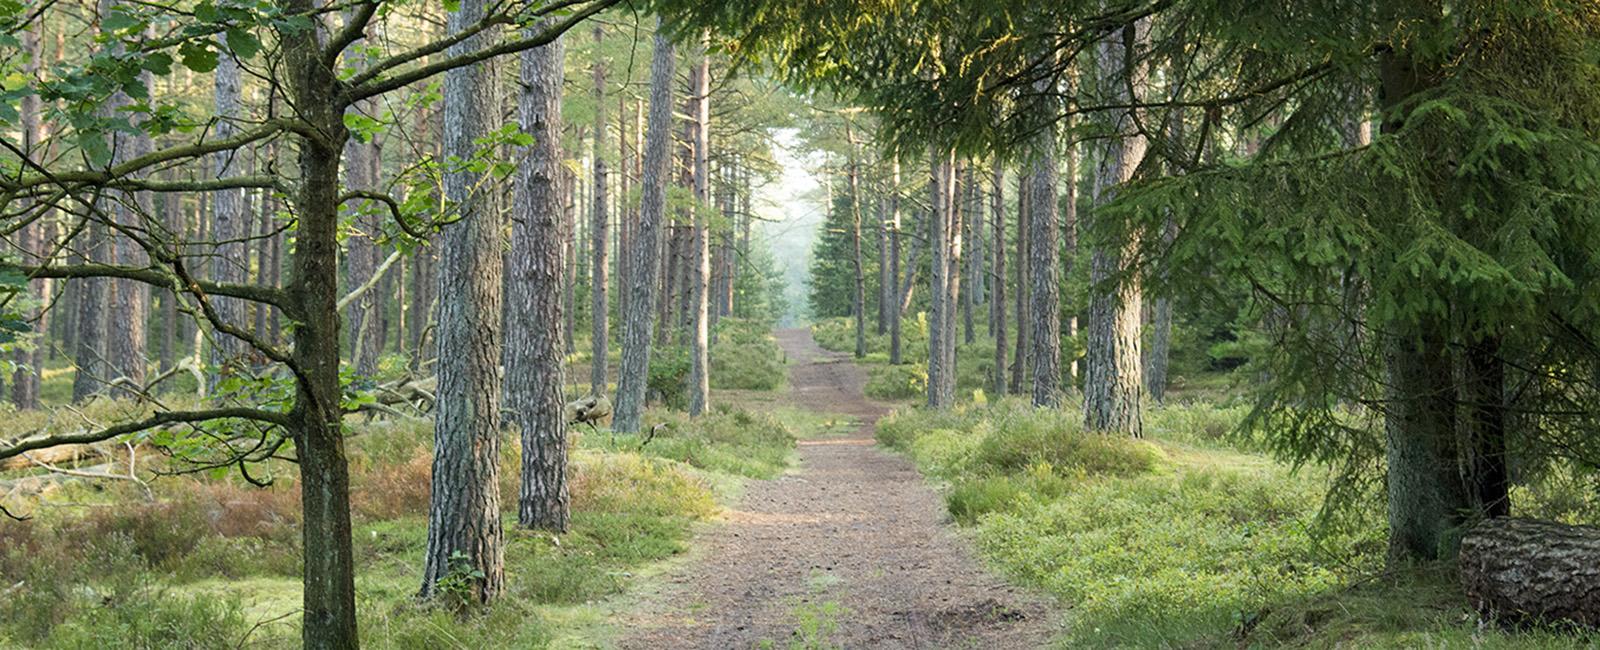 Natur, skovkasse, udeunger, naturoplevelser til børn i alle aldre, på opdagelse i naturen, skov